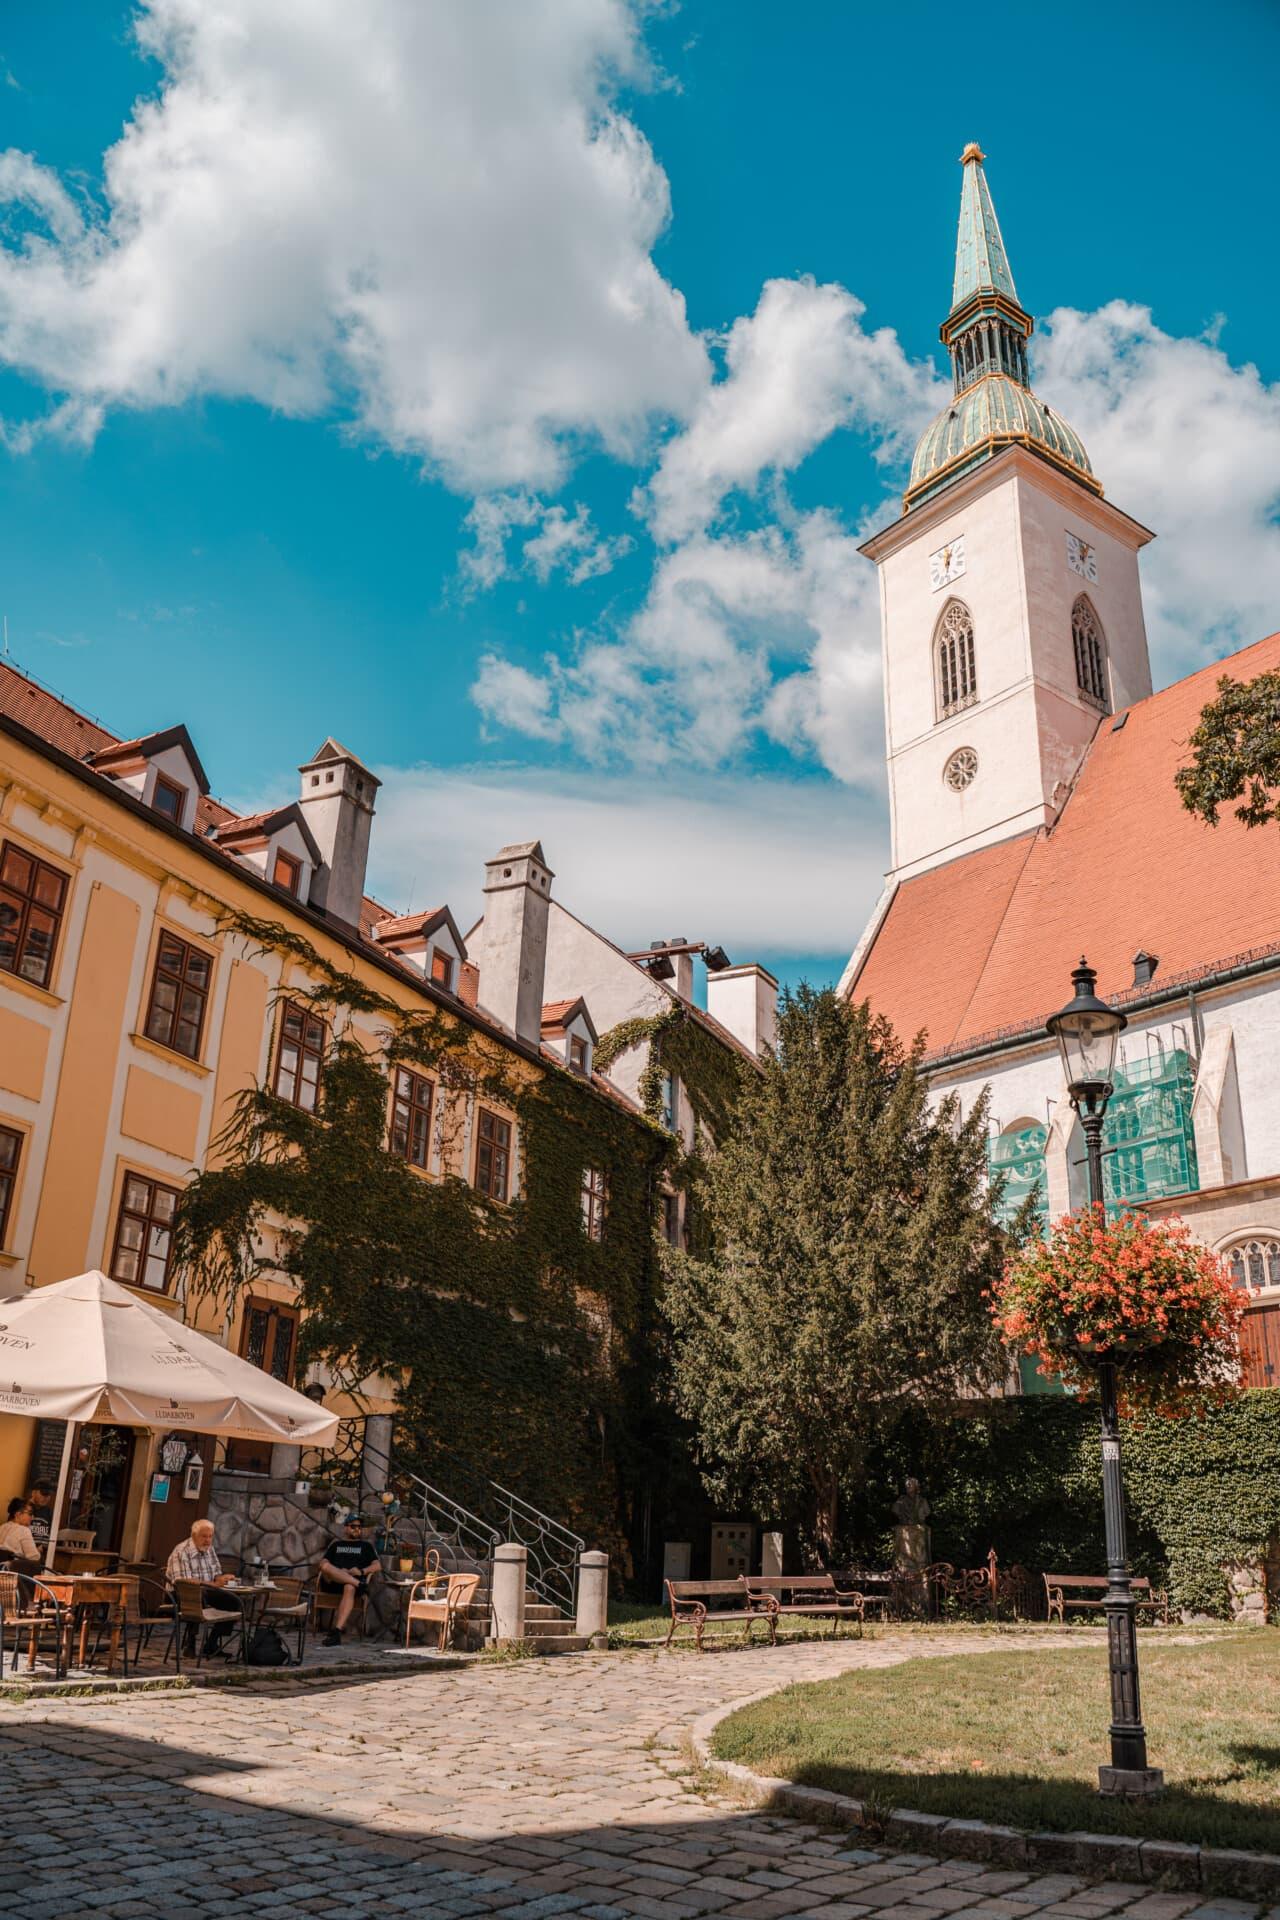 Bratislava 17 - Bratislava bezienswaardigheden:  wat te doen tijdens 1 dag (tips!)